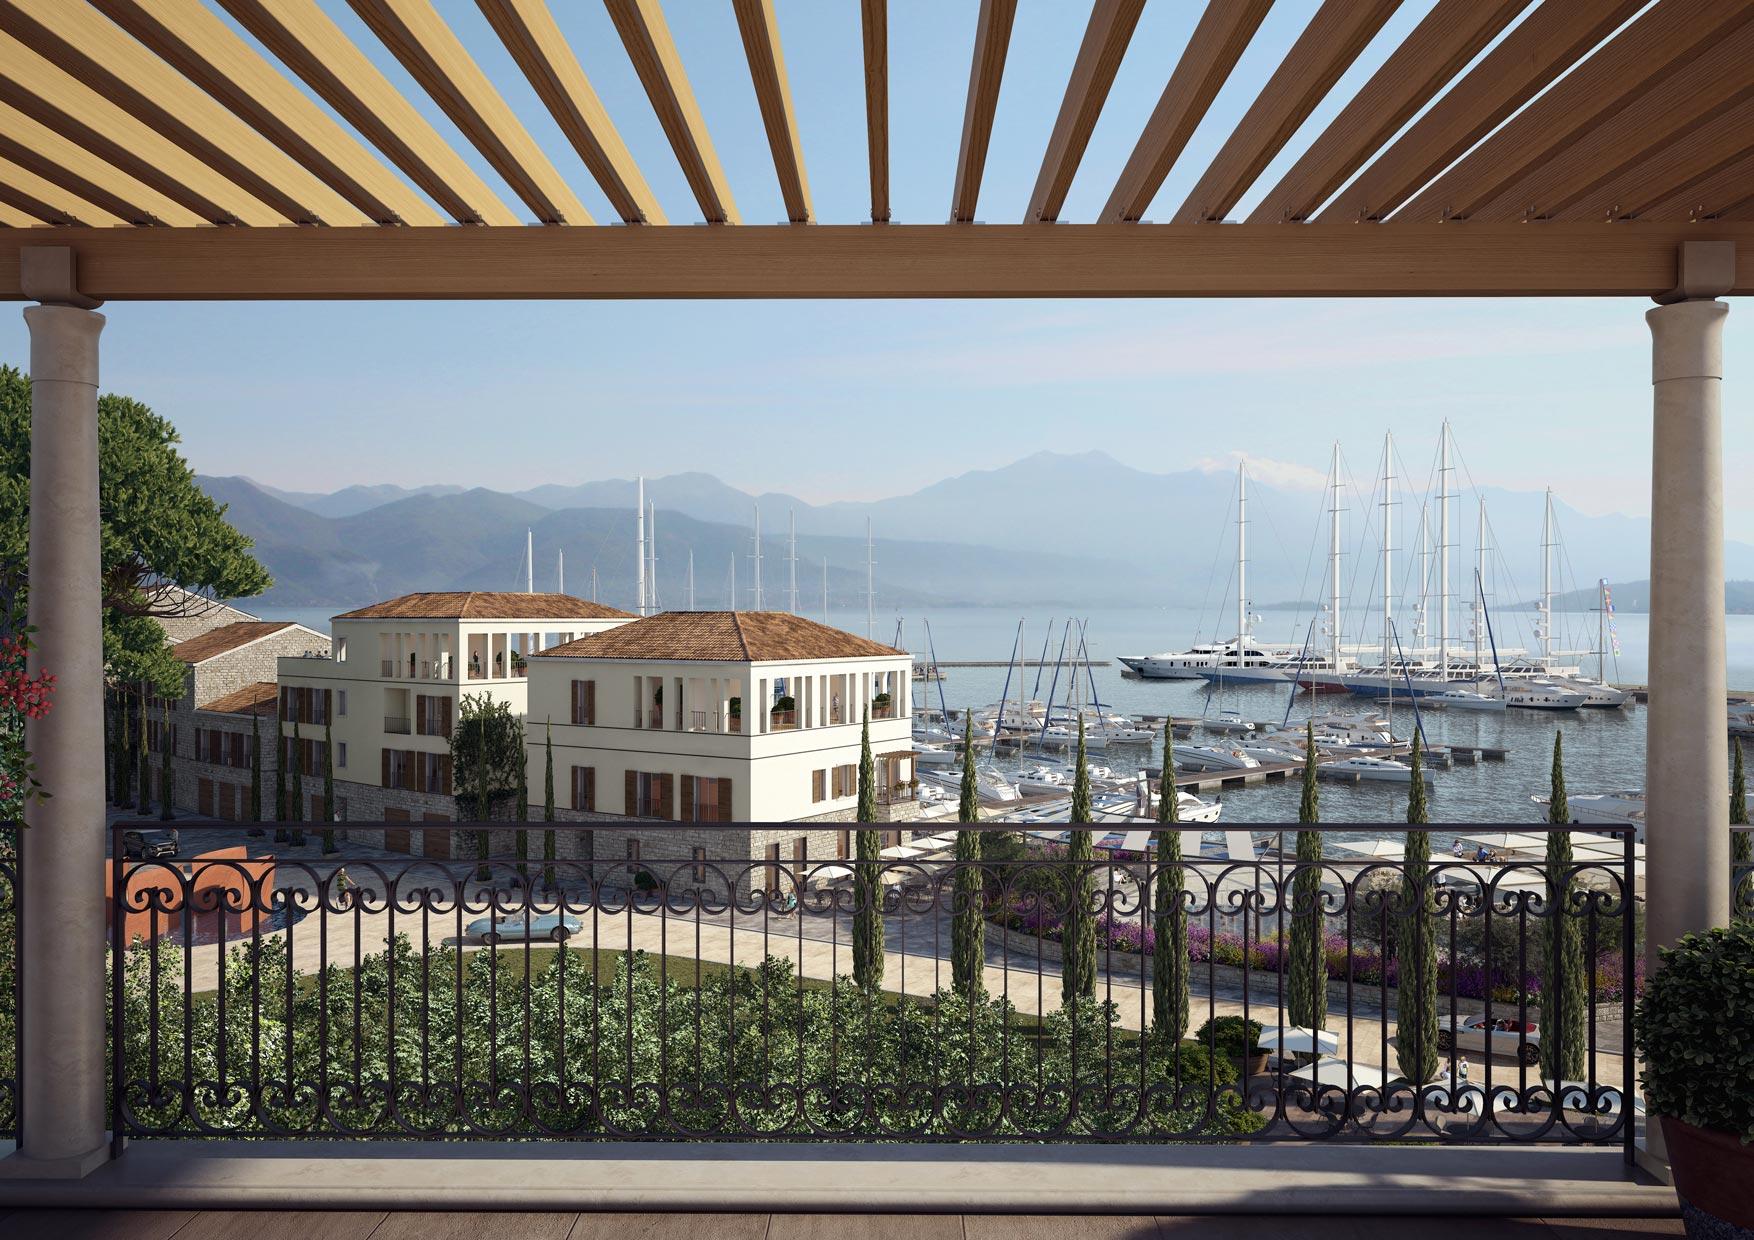 Elite-resort-with-luxury-apartments-in-Herceg-Novi (19).jpg